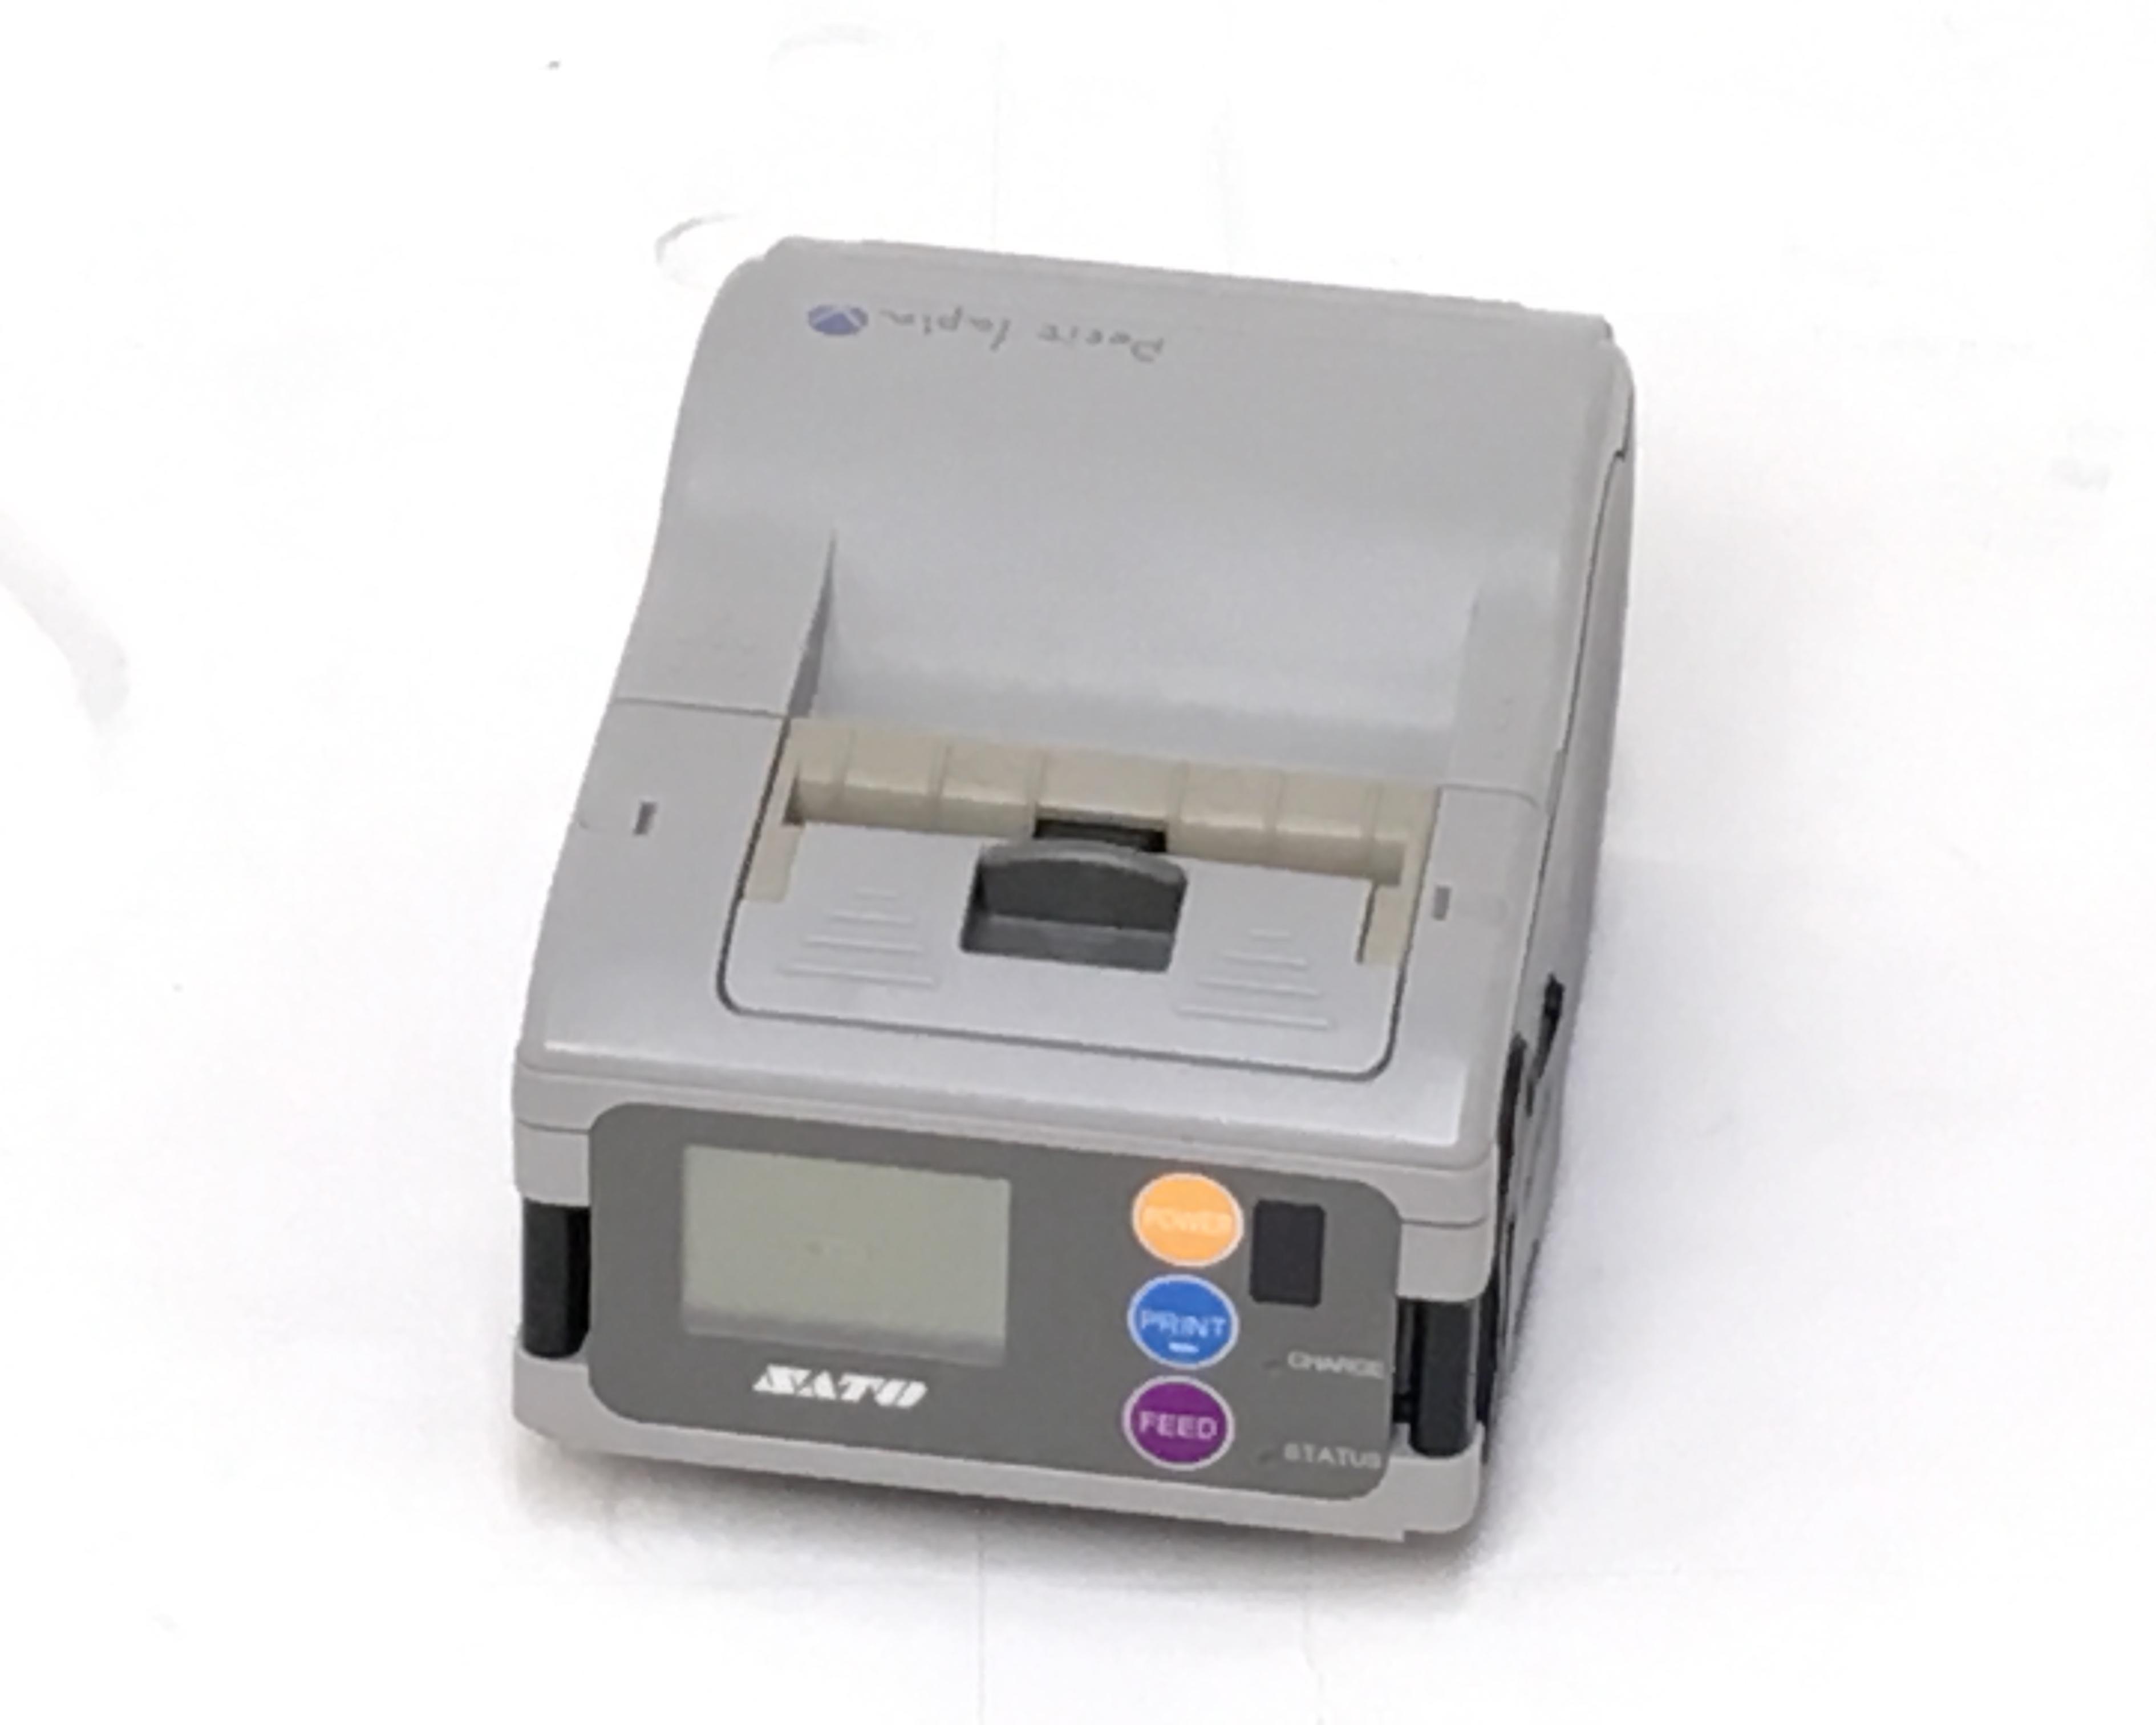 【お買得中古】プチラパン PT208J-W4 無線LAN メイン画像